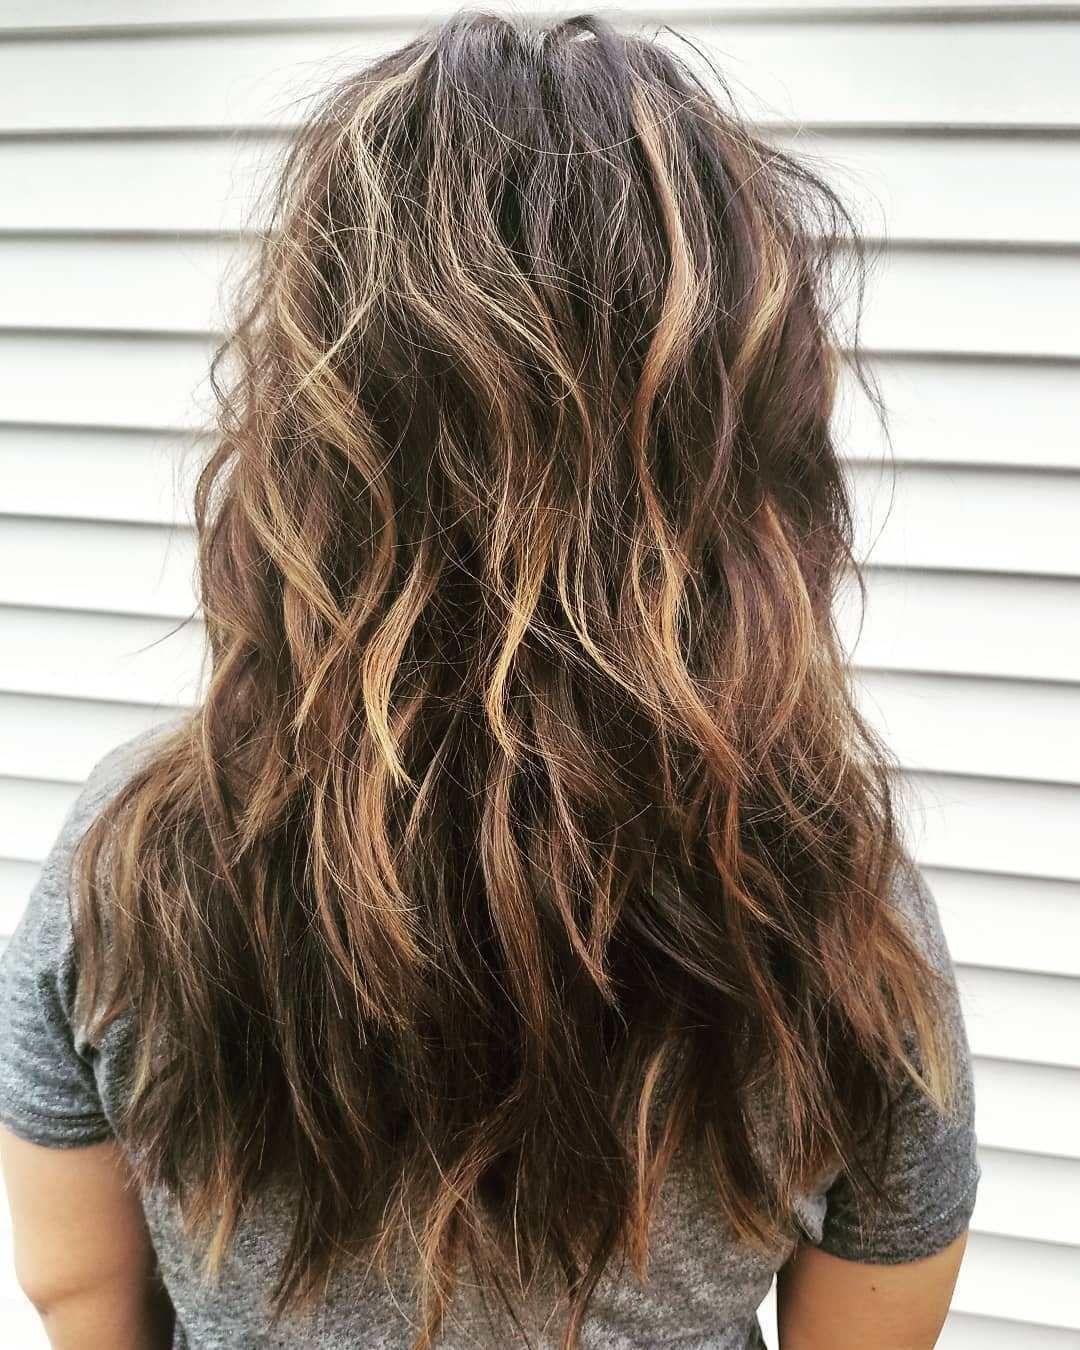 Frizzy Choppy Long Shag Hairstyle Long Shag Haircut Long Shag Hairstyles Long Hair Styles